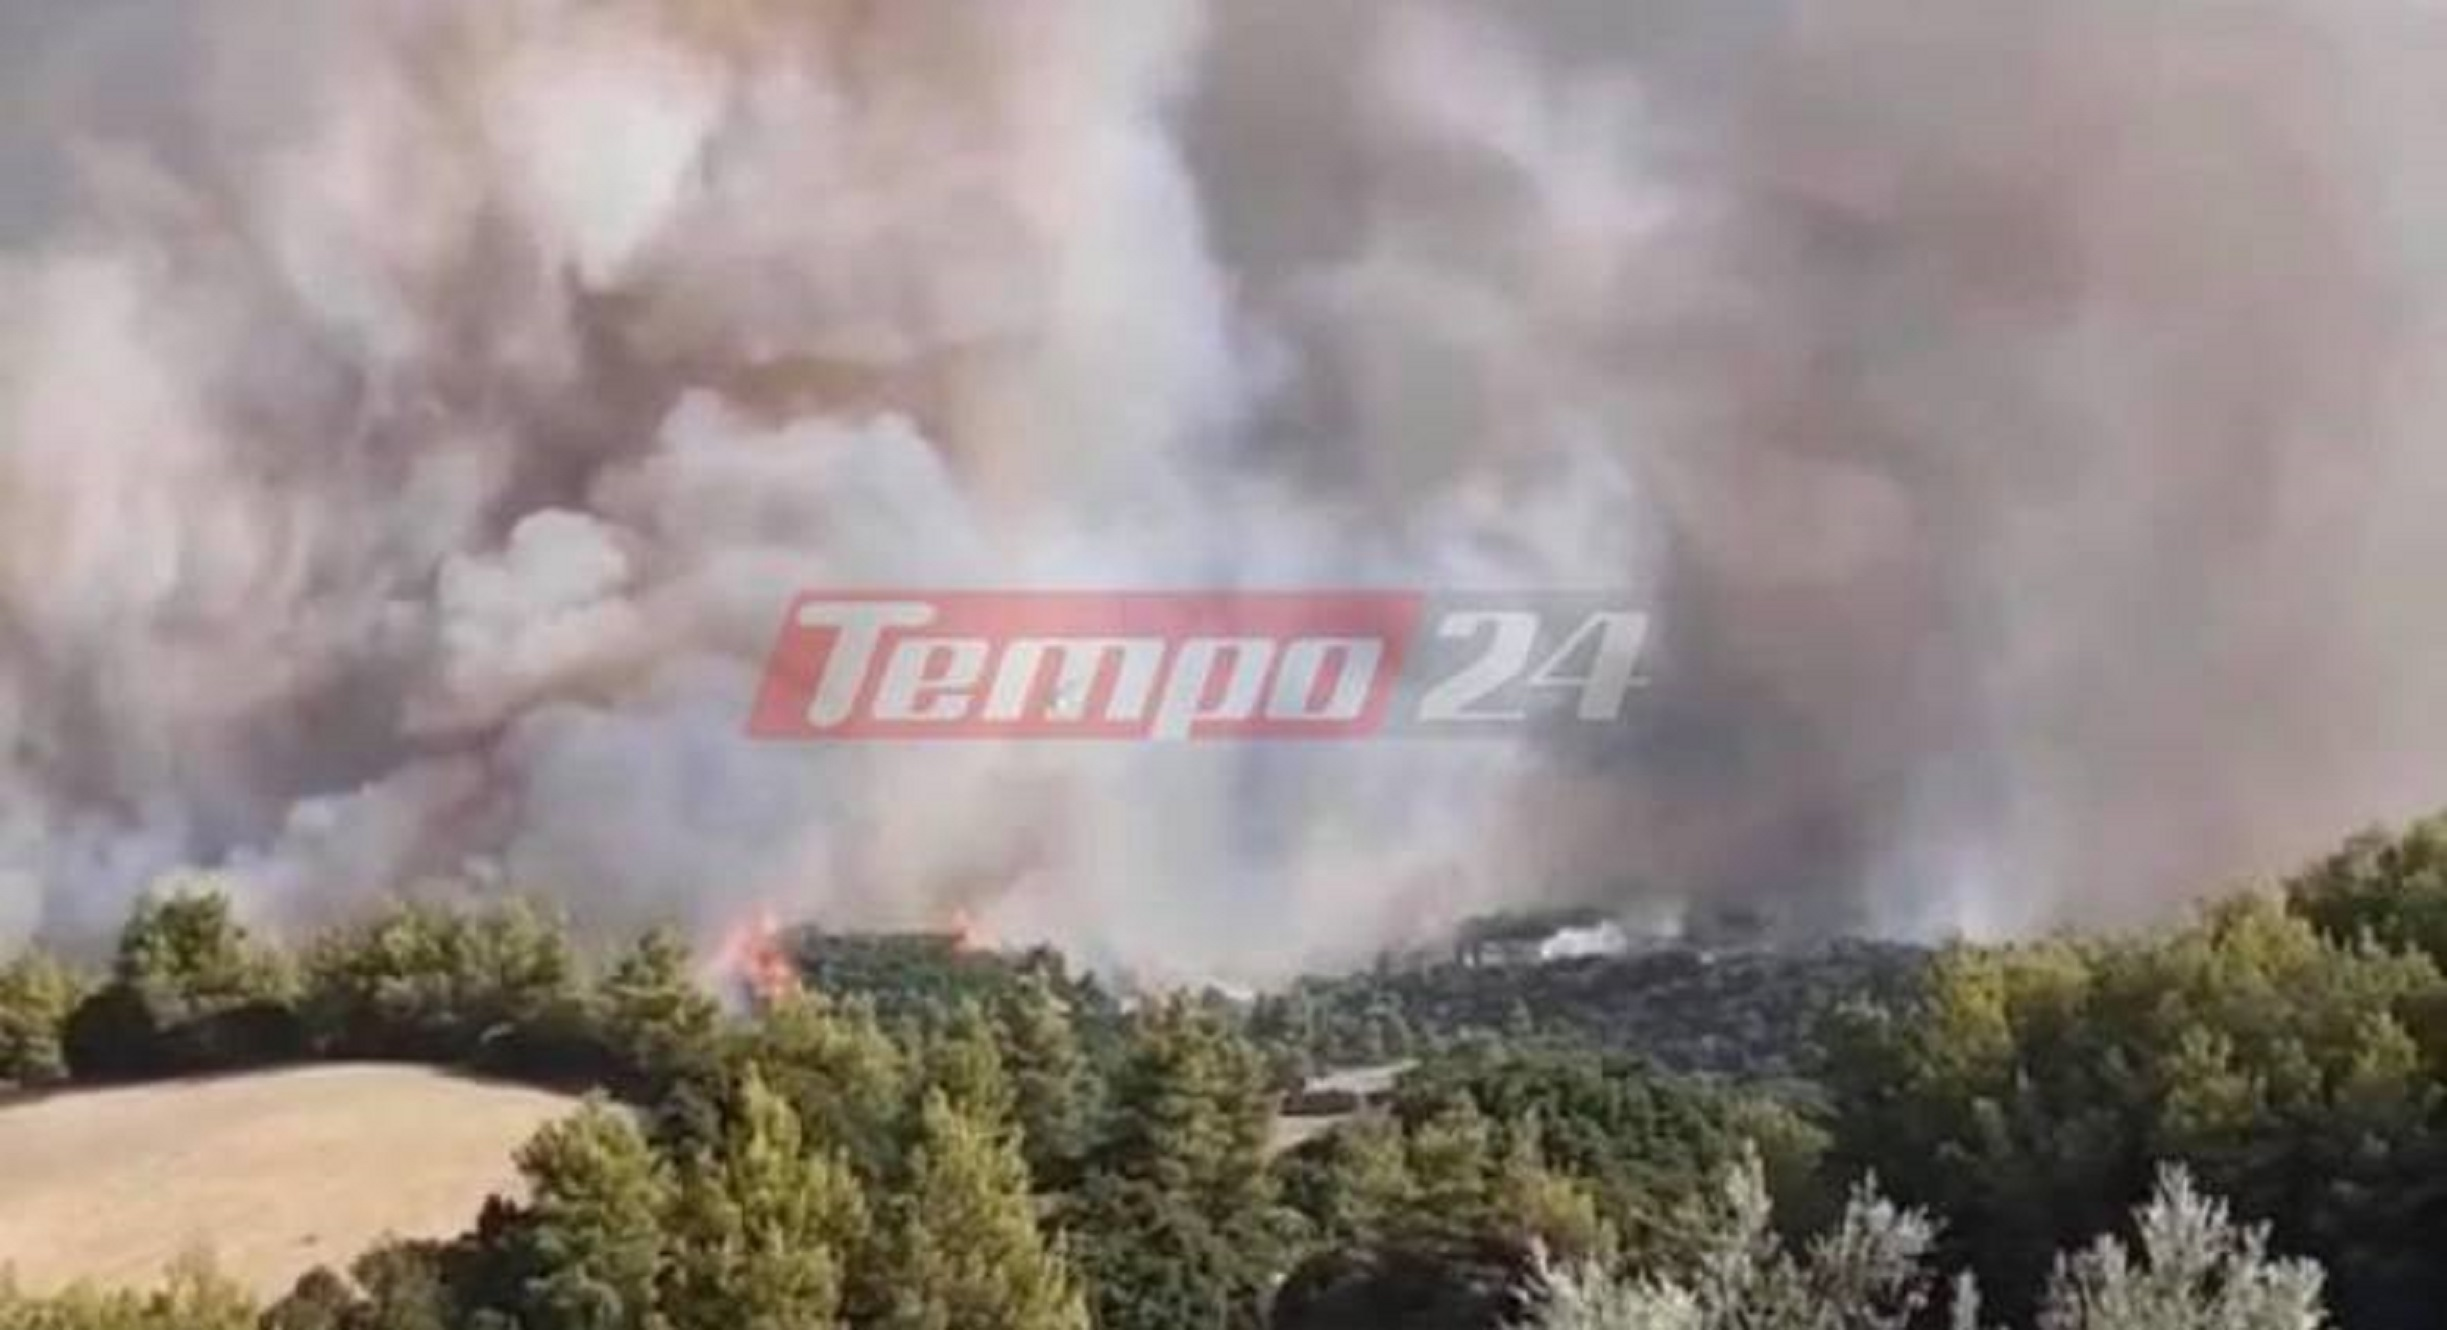 Φωτιά στην Αχαΐα: «Θα καούν τα σπίτια μας» – Πύρινη κόλαση και δύσκολο βράδυ σε Δροσιά, Φτέρη και Σκιαδά